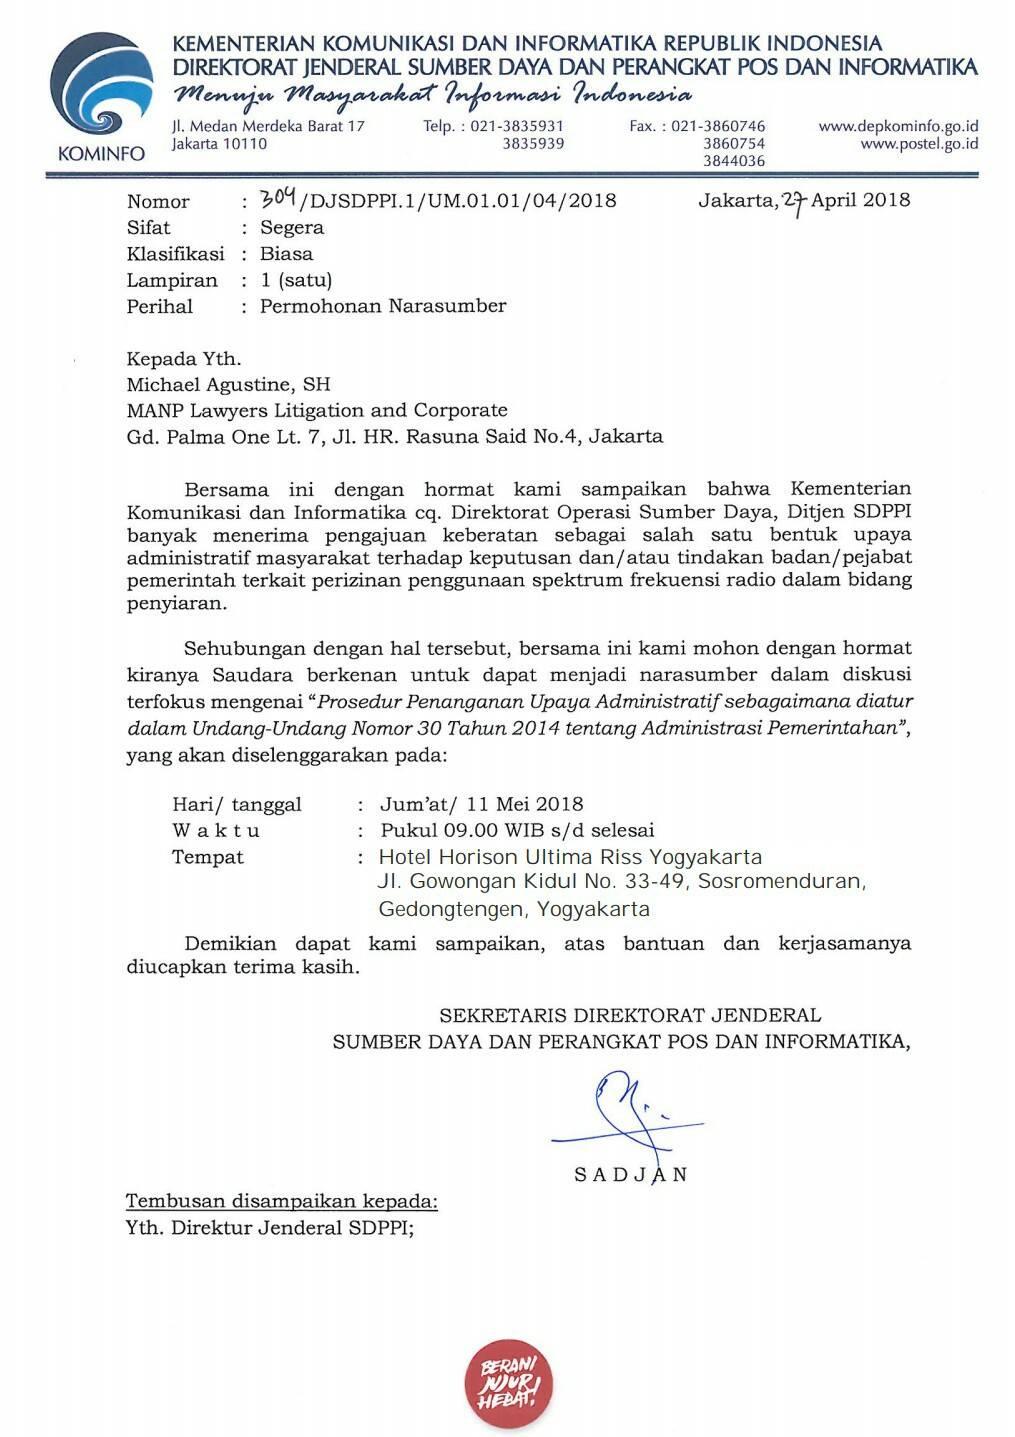 Dipercaya untuk menjadi narasumber dalam diskusi terfokus tentang Upaya Administratif menurut UU 30/2014 yang diselenggarakan oleh Dirjen SDPPI Kominfo 2018.